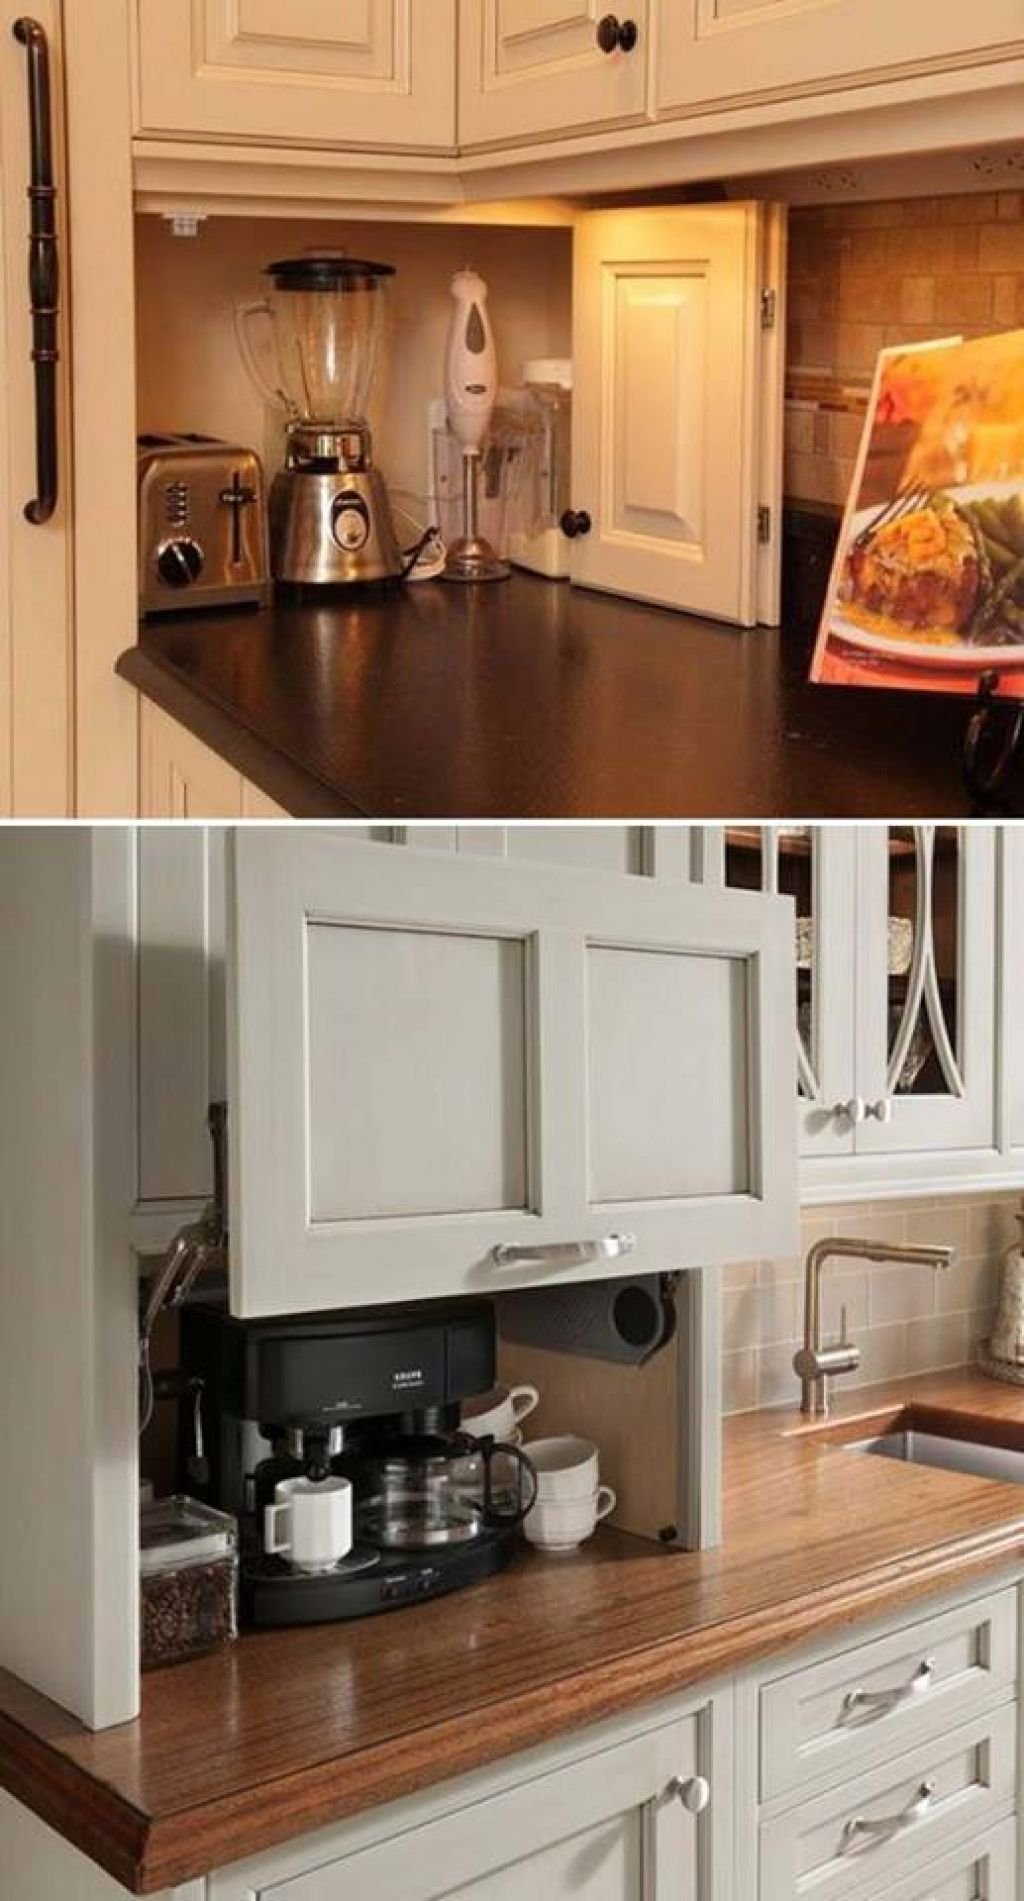 10 alternatives de rangement plus efficaces que les tiroirs et les armoires, pour la cuisine!